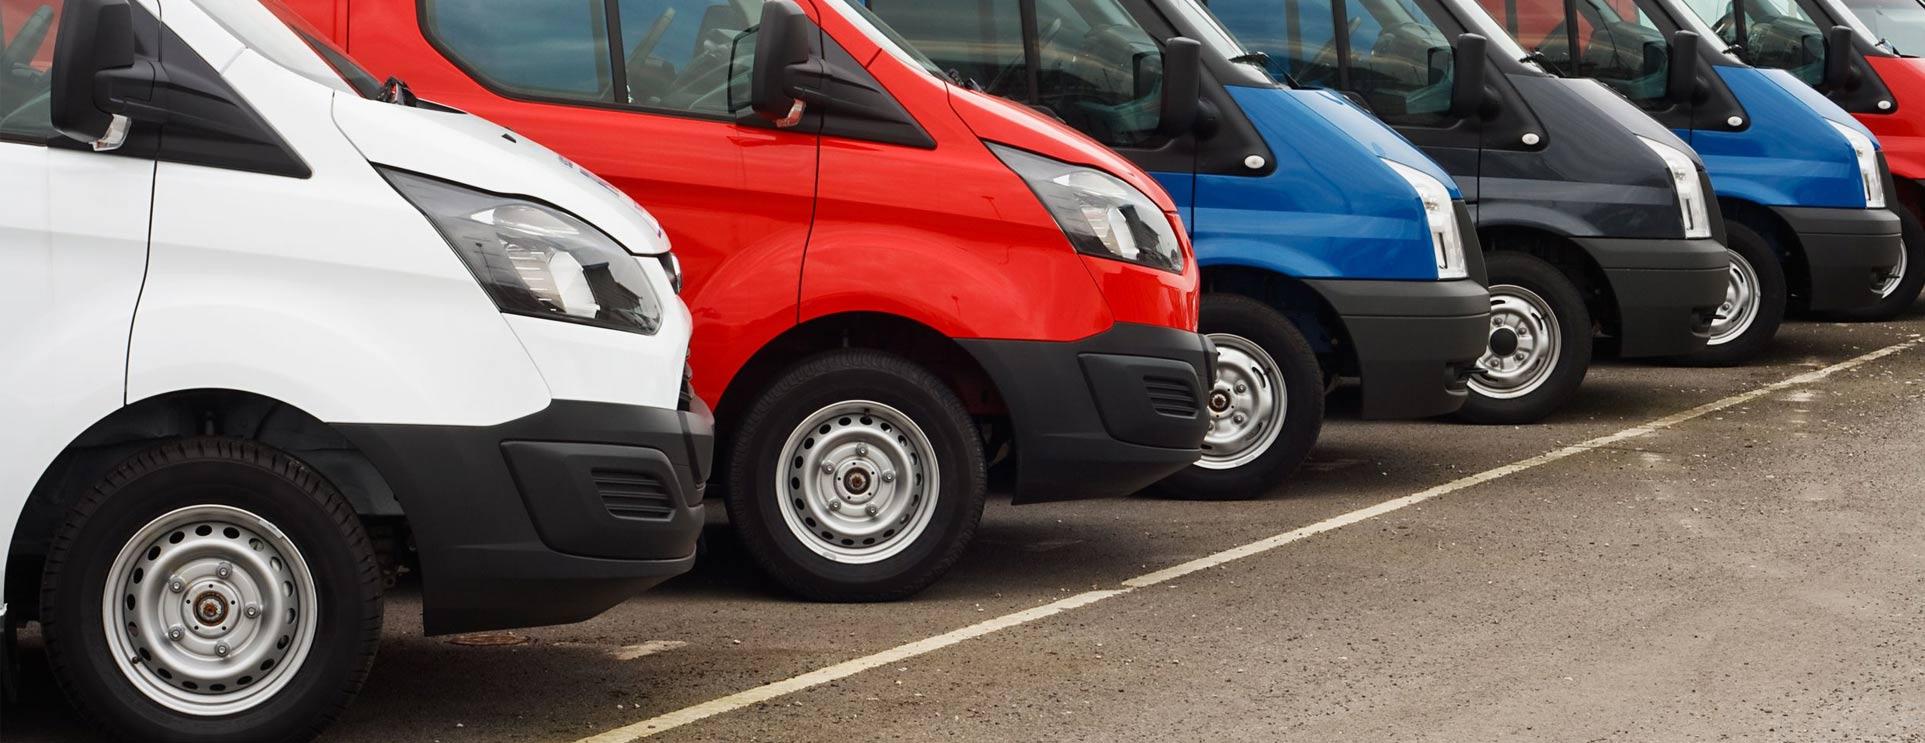 סליידר-ליסינג תפעולי לרכב מסחרי